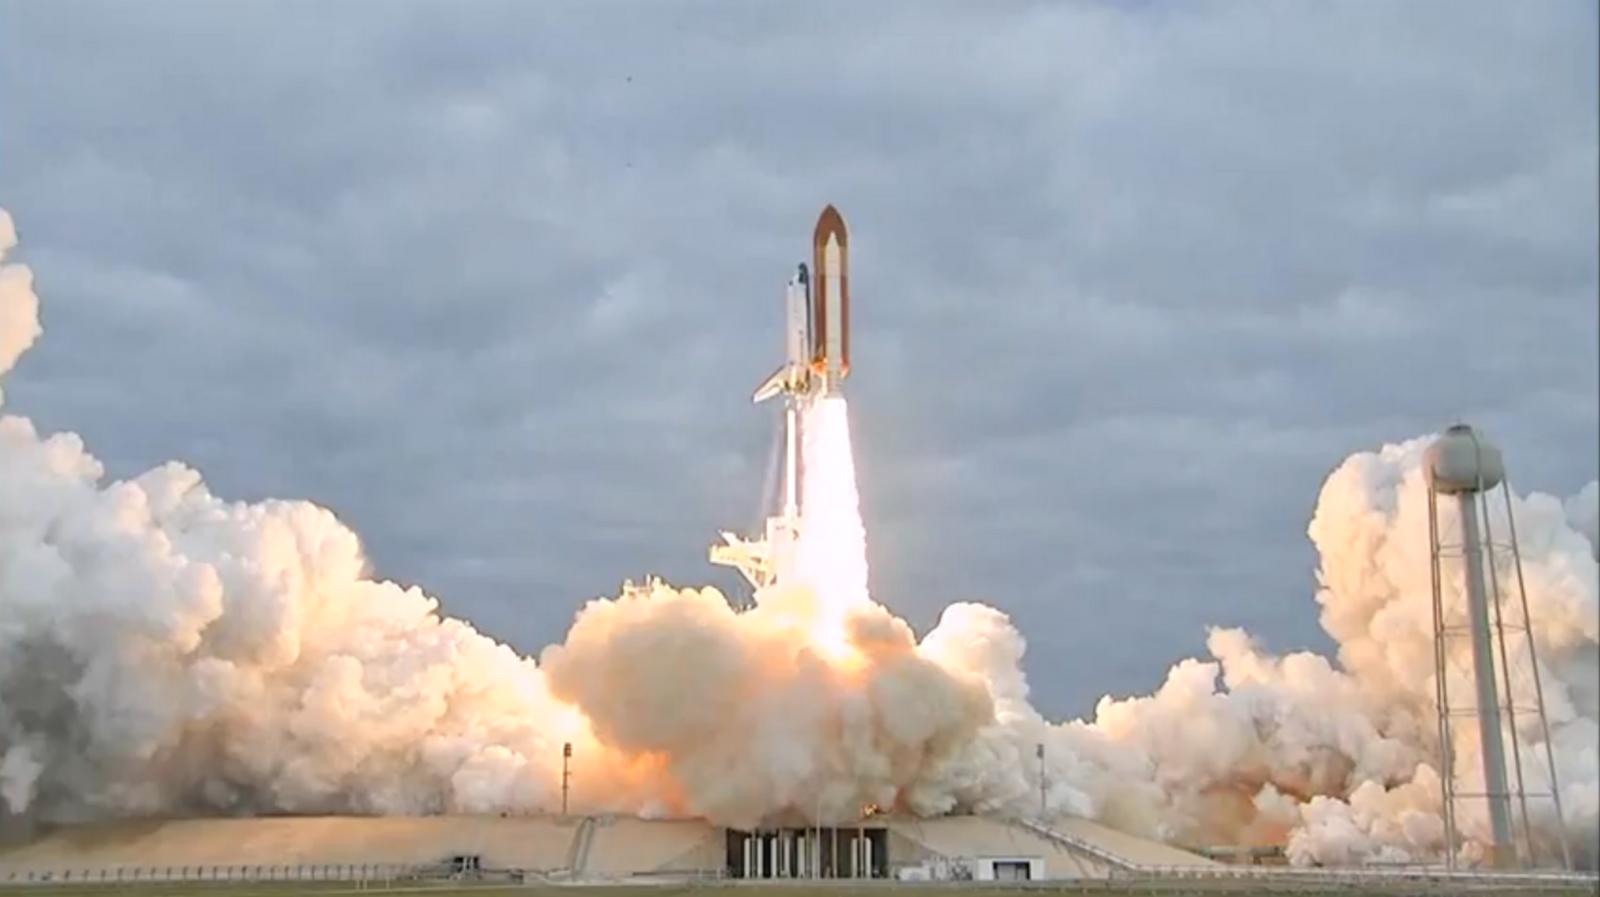 Endeavor Launch Endeavor's Final Launch